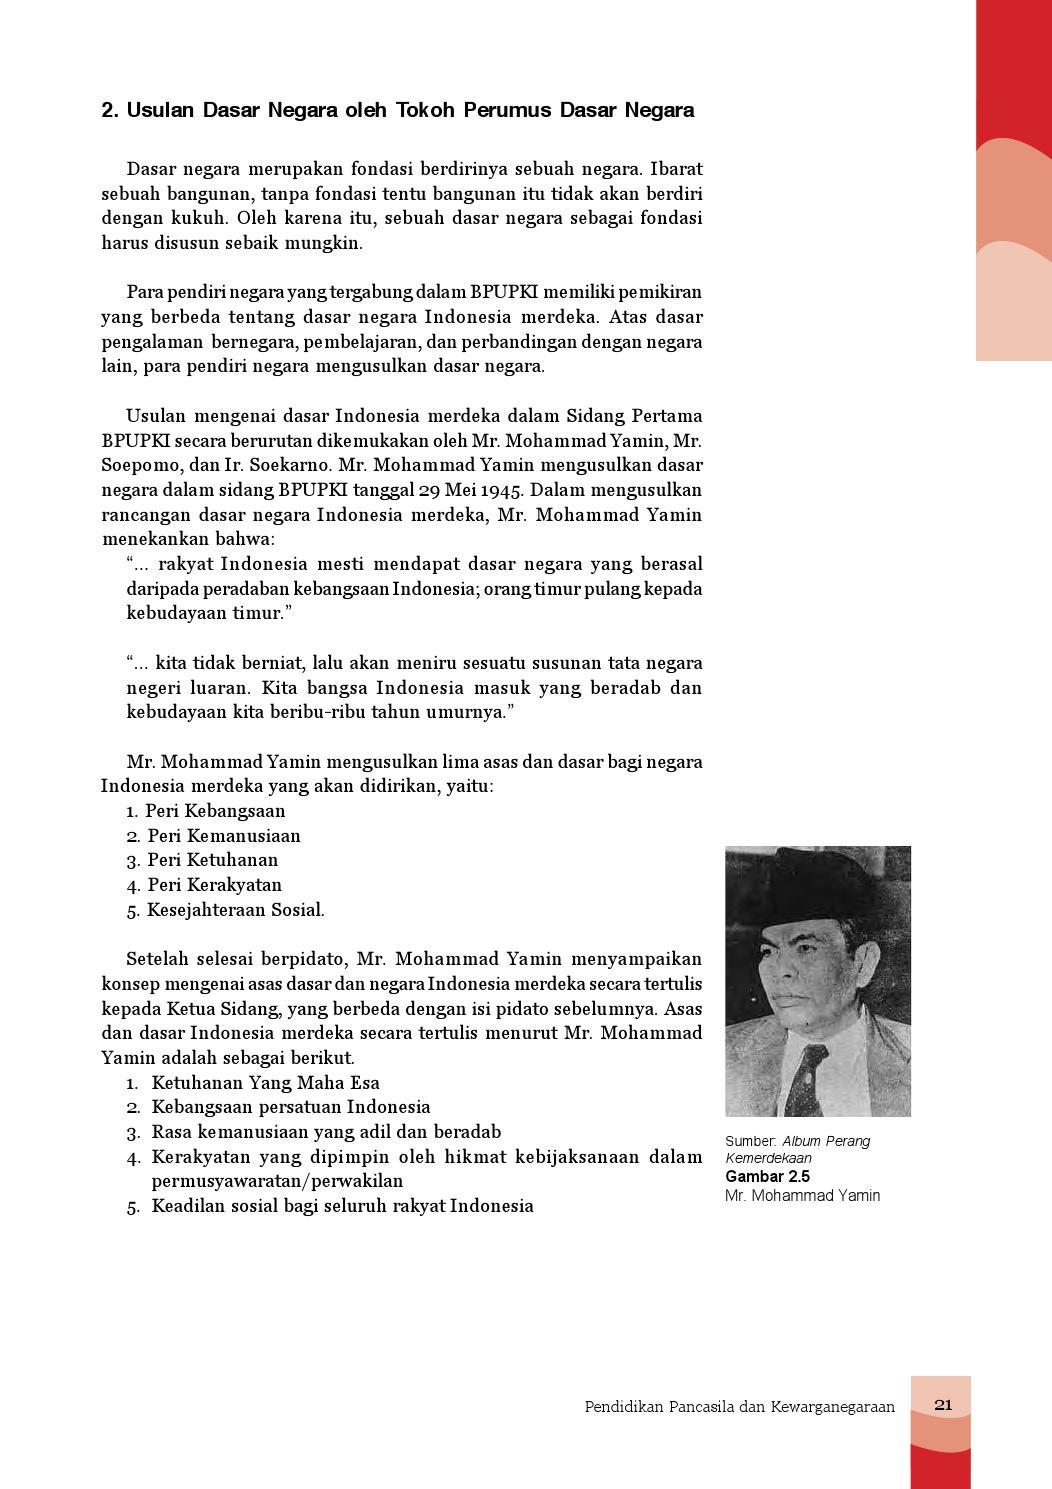 Usulan Dasar Negara Menurut Ir Soekarno : usulan, dasar, negara, menurut, soekarno, Kelas, Siswa, Madrasah, Tsanawiyah, Mandalahurip, Issuu